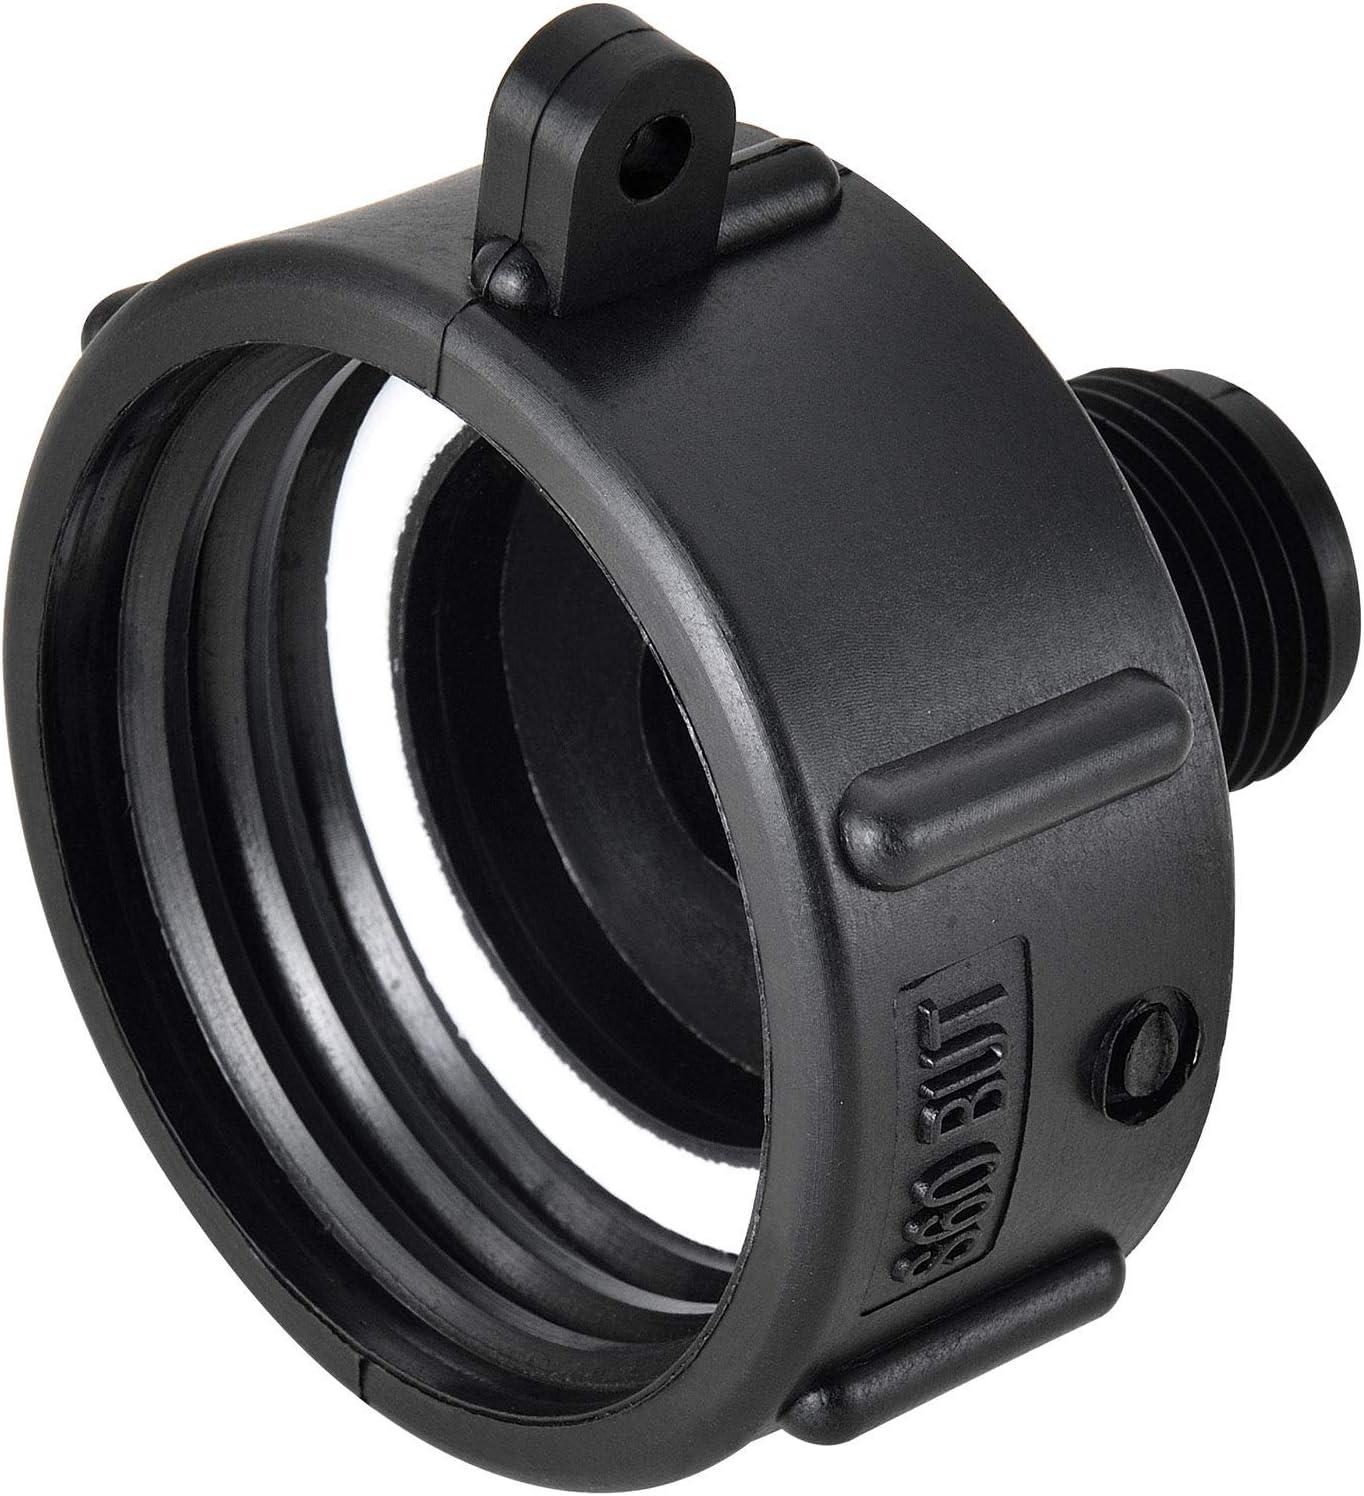 IBC Tank Adapter Attachments Outdoor Accessories Gallon Drain Cam Lock